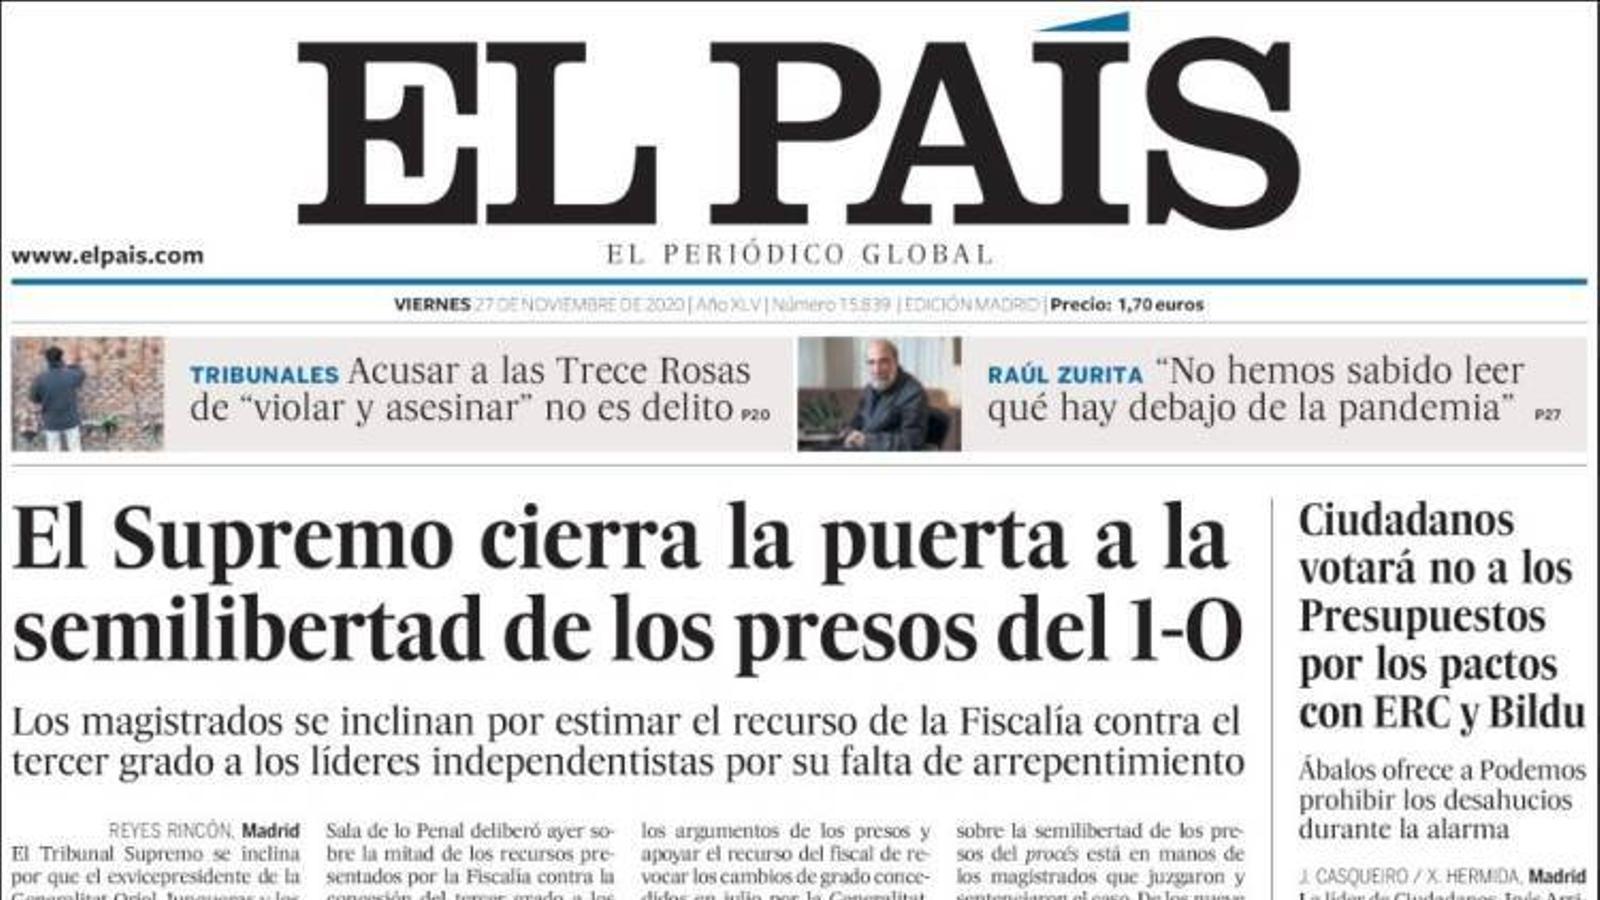 Portada 27 novembre 2020 El País